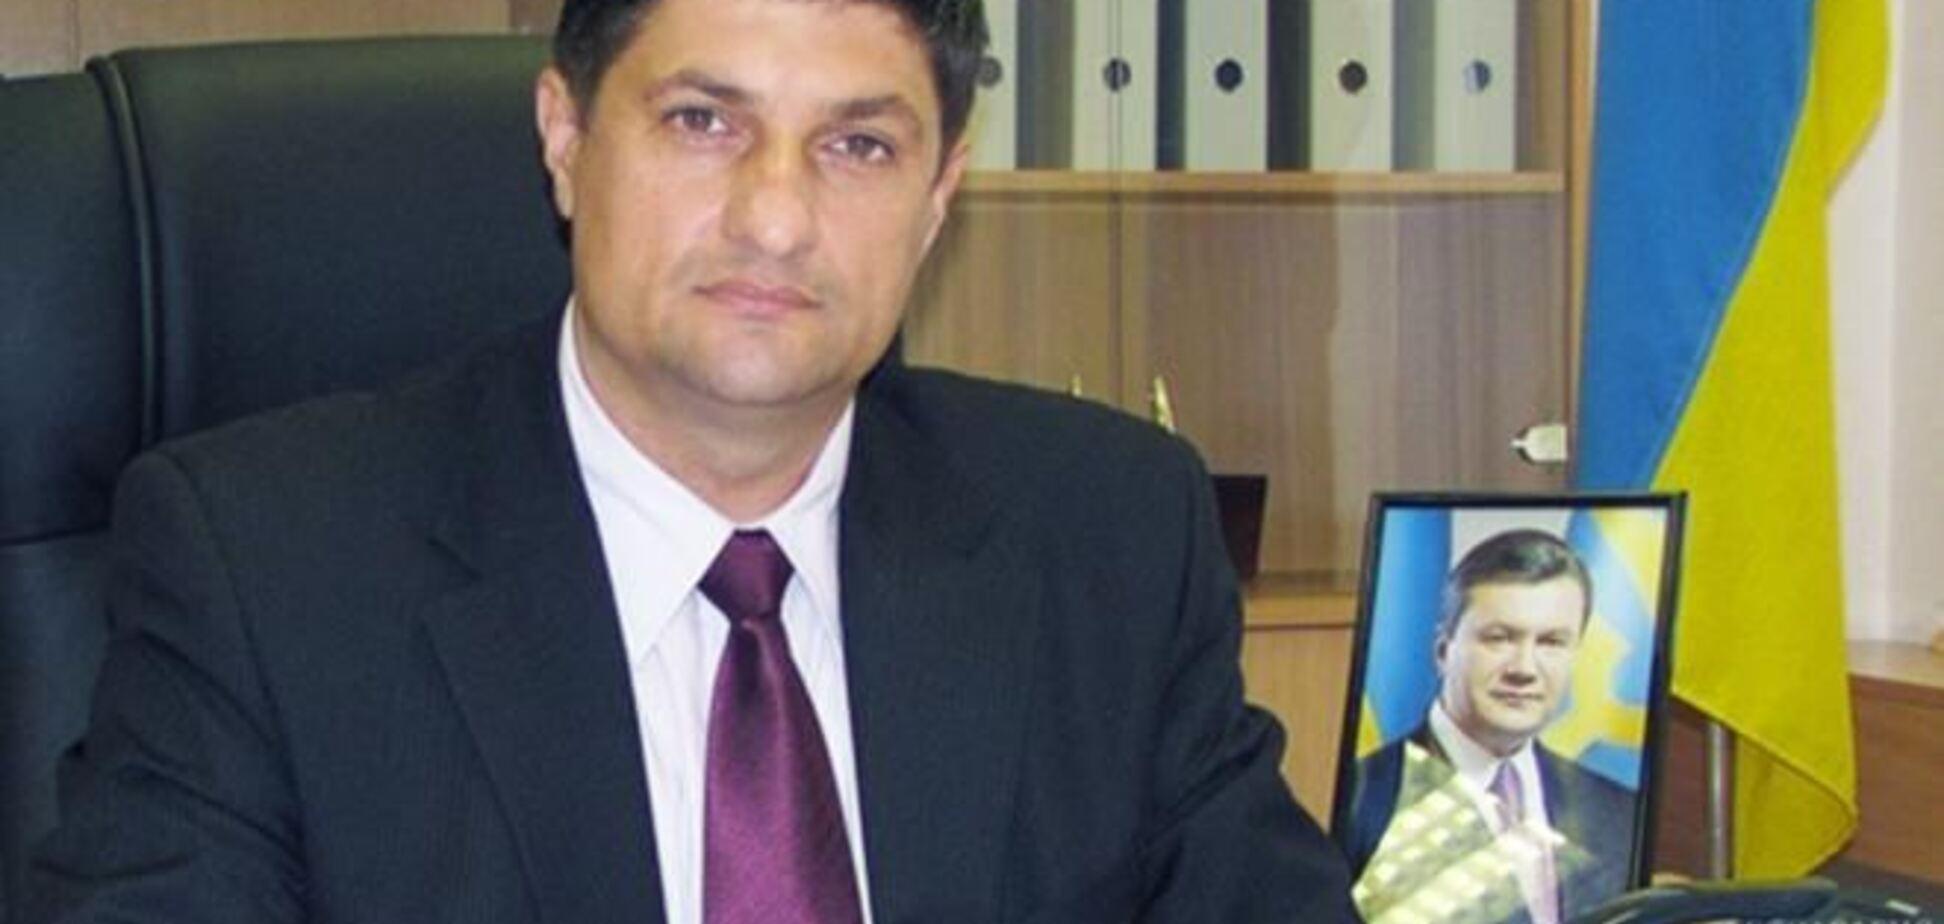 Мэр Измаила попал в жуткое ДТП с участием фуры